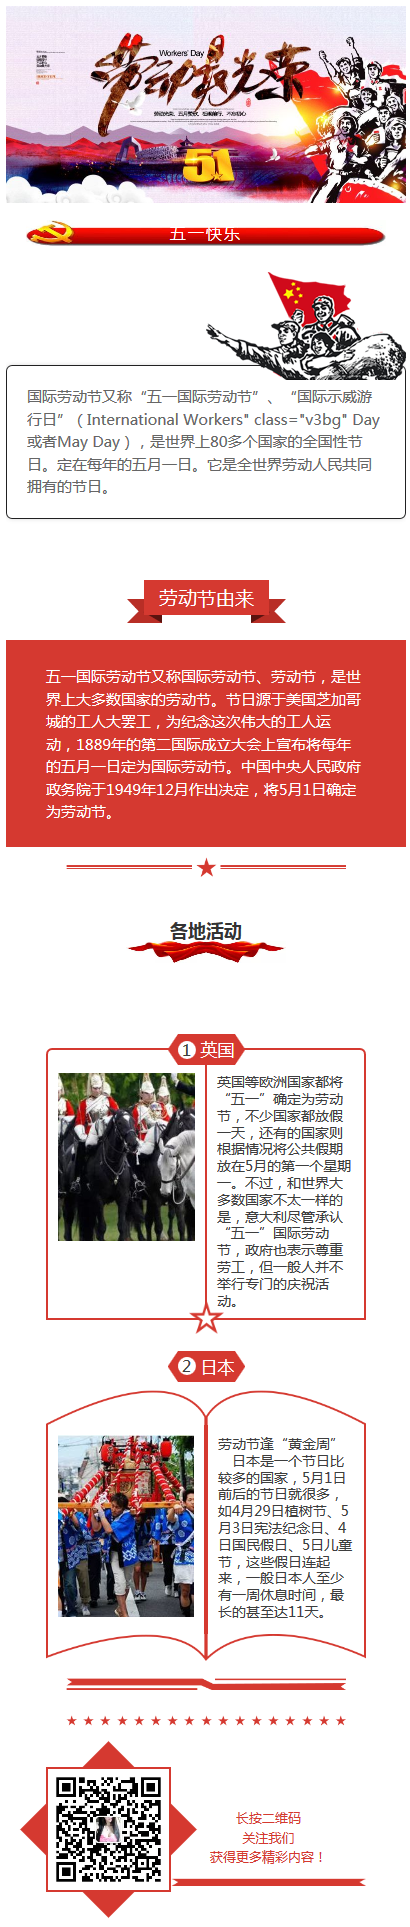 """国际劳动节又称""""五一国际劳动节""""党政红色风格"""